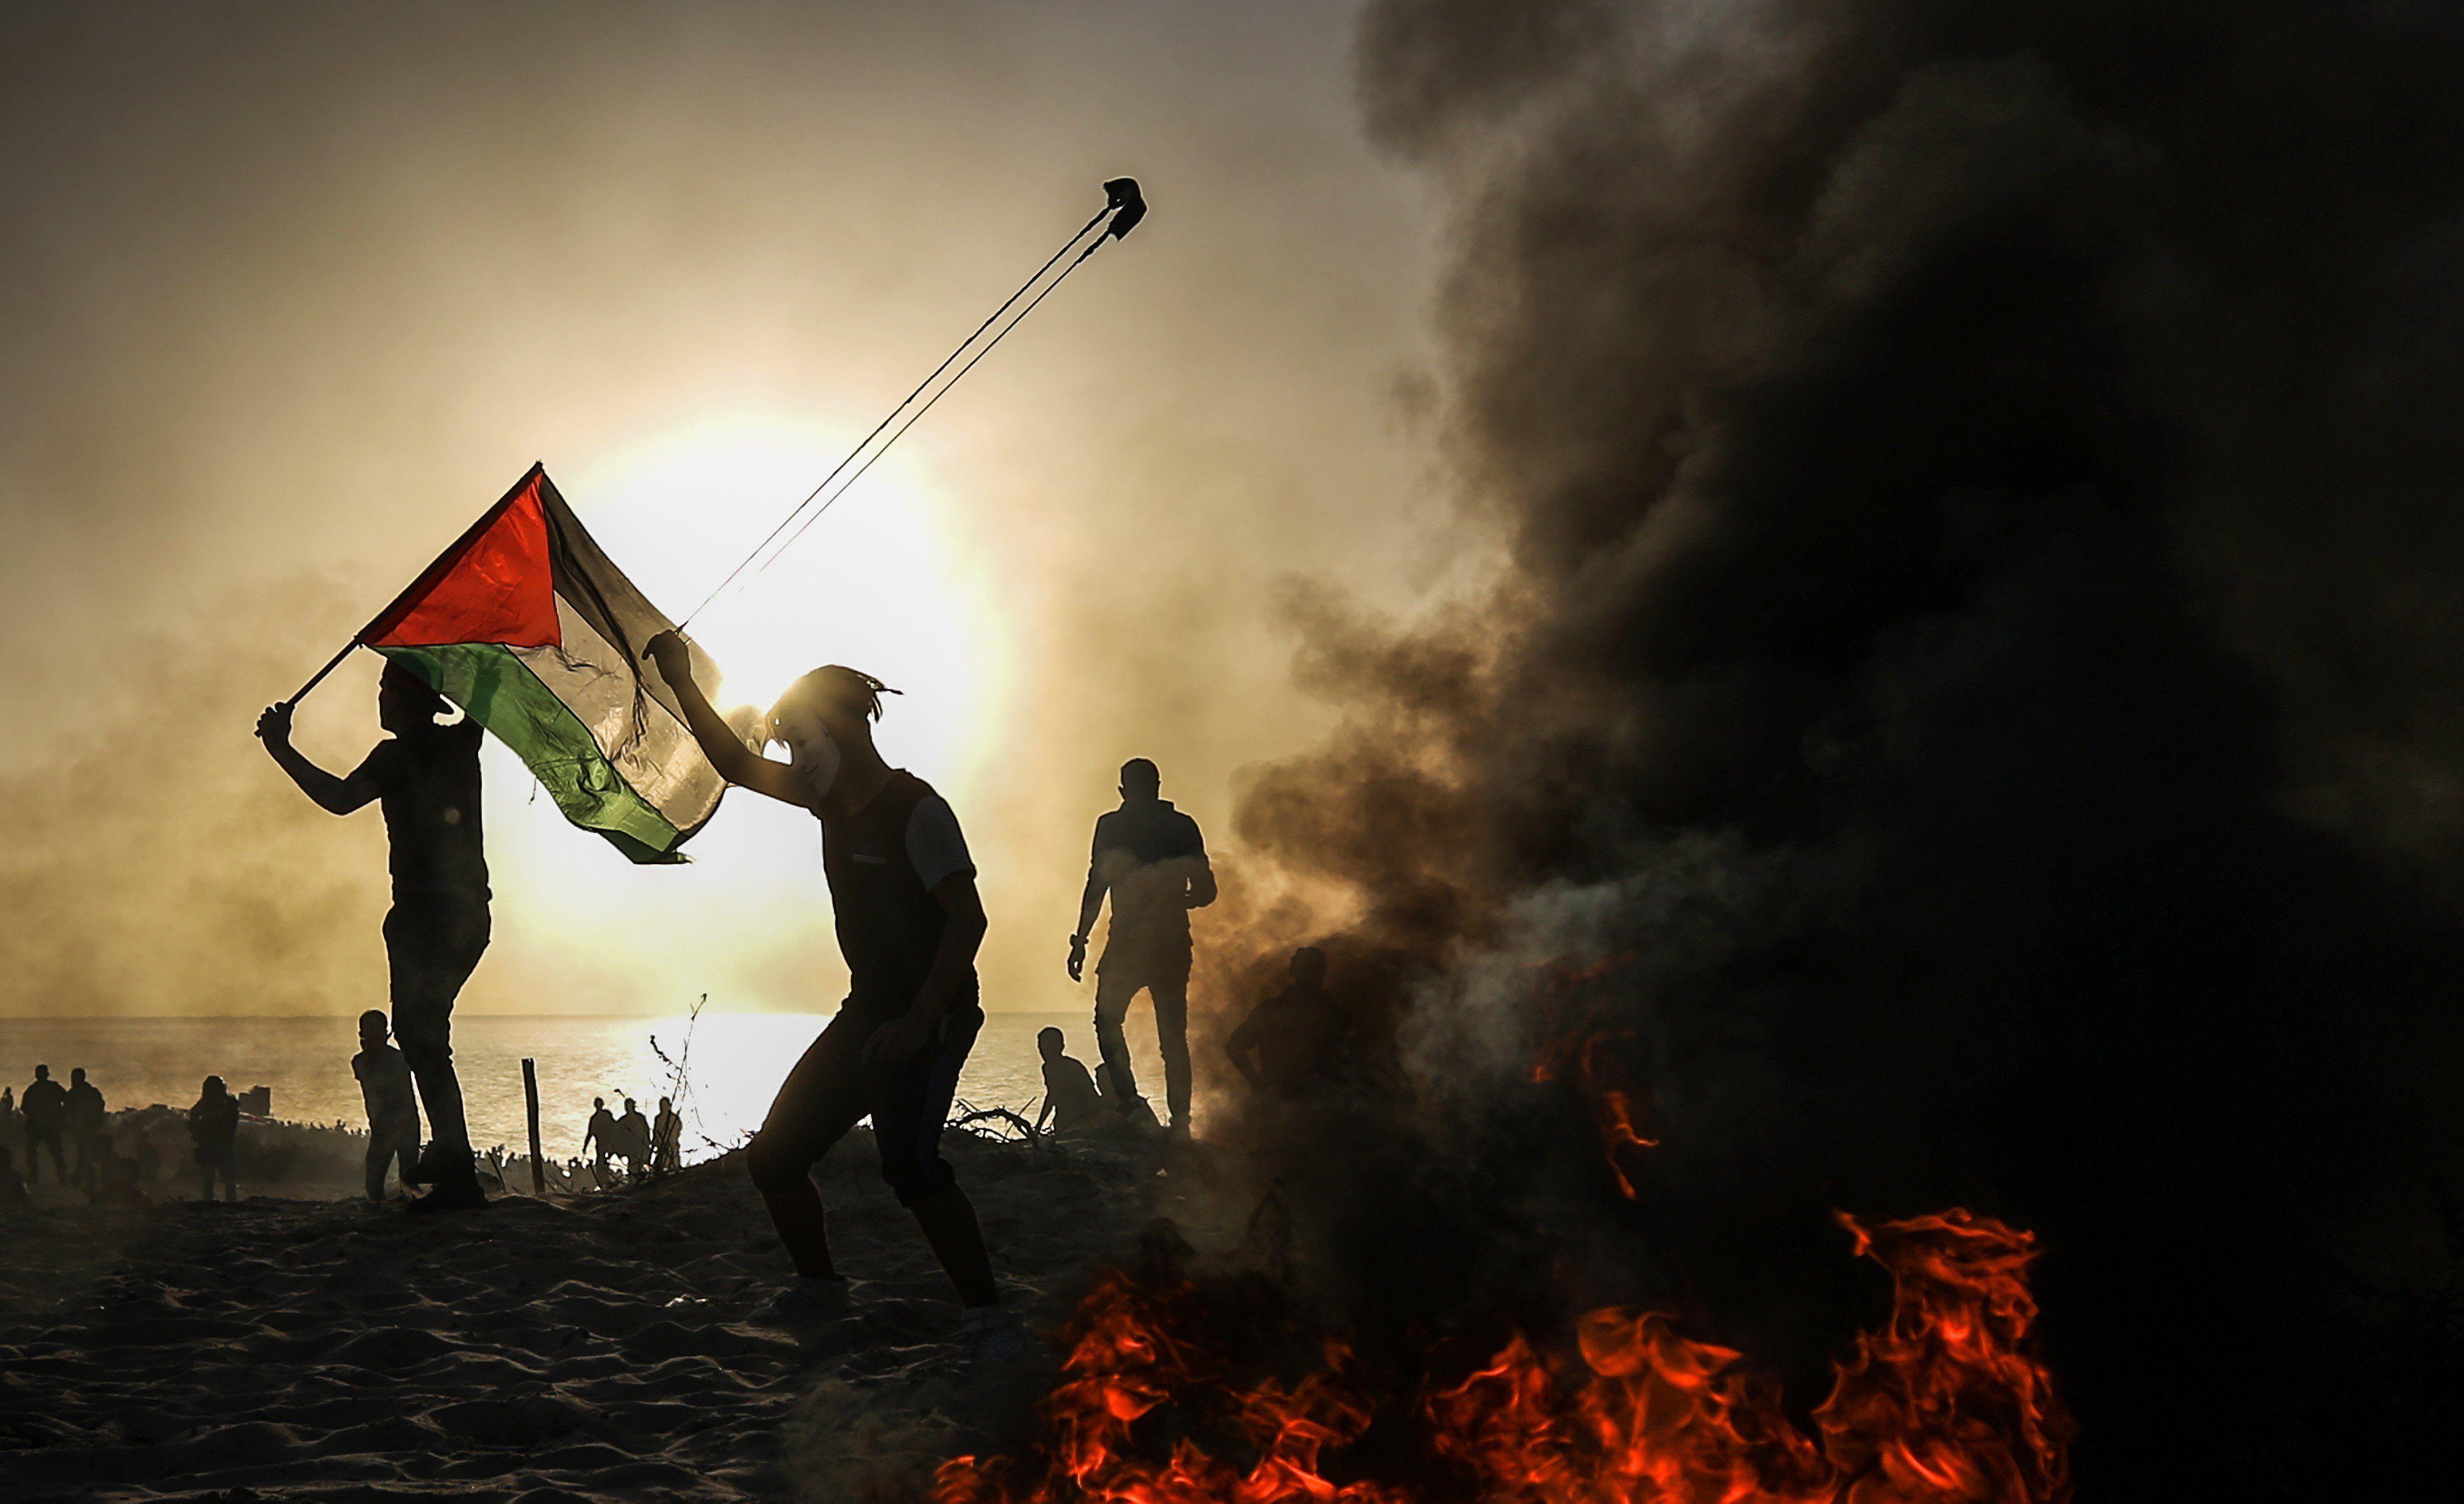 Από την Παλαιστίνη έως τα Εξάρχεια. Ο πετροπόλεμος των διαδηλωτών και τα μέτρα καταστολής